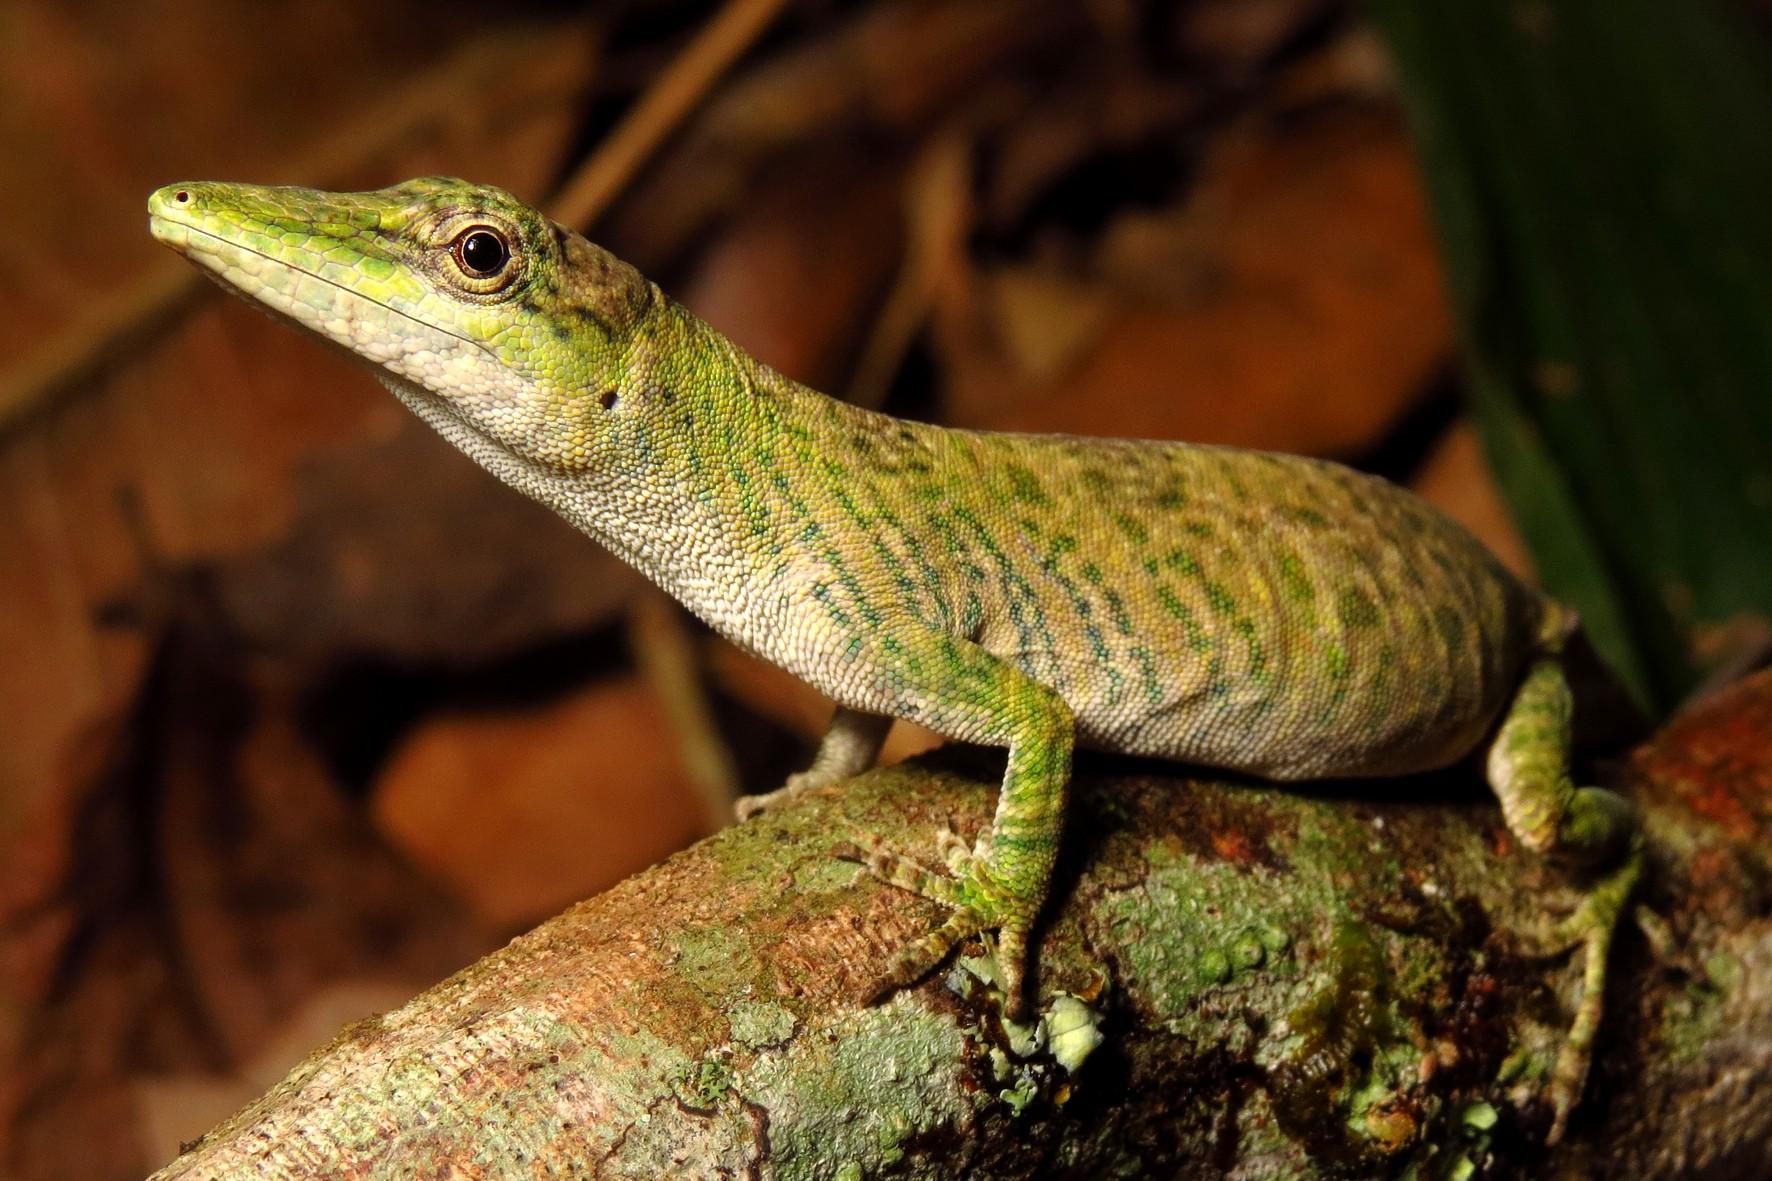 O lagarto papa-vento Anolis pseudotigrinus é caracterizado pela sua coloração e focinho alongado (Foto: Mauro Teixeira Jr./Divulgação)